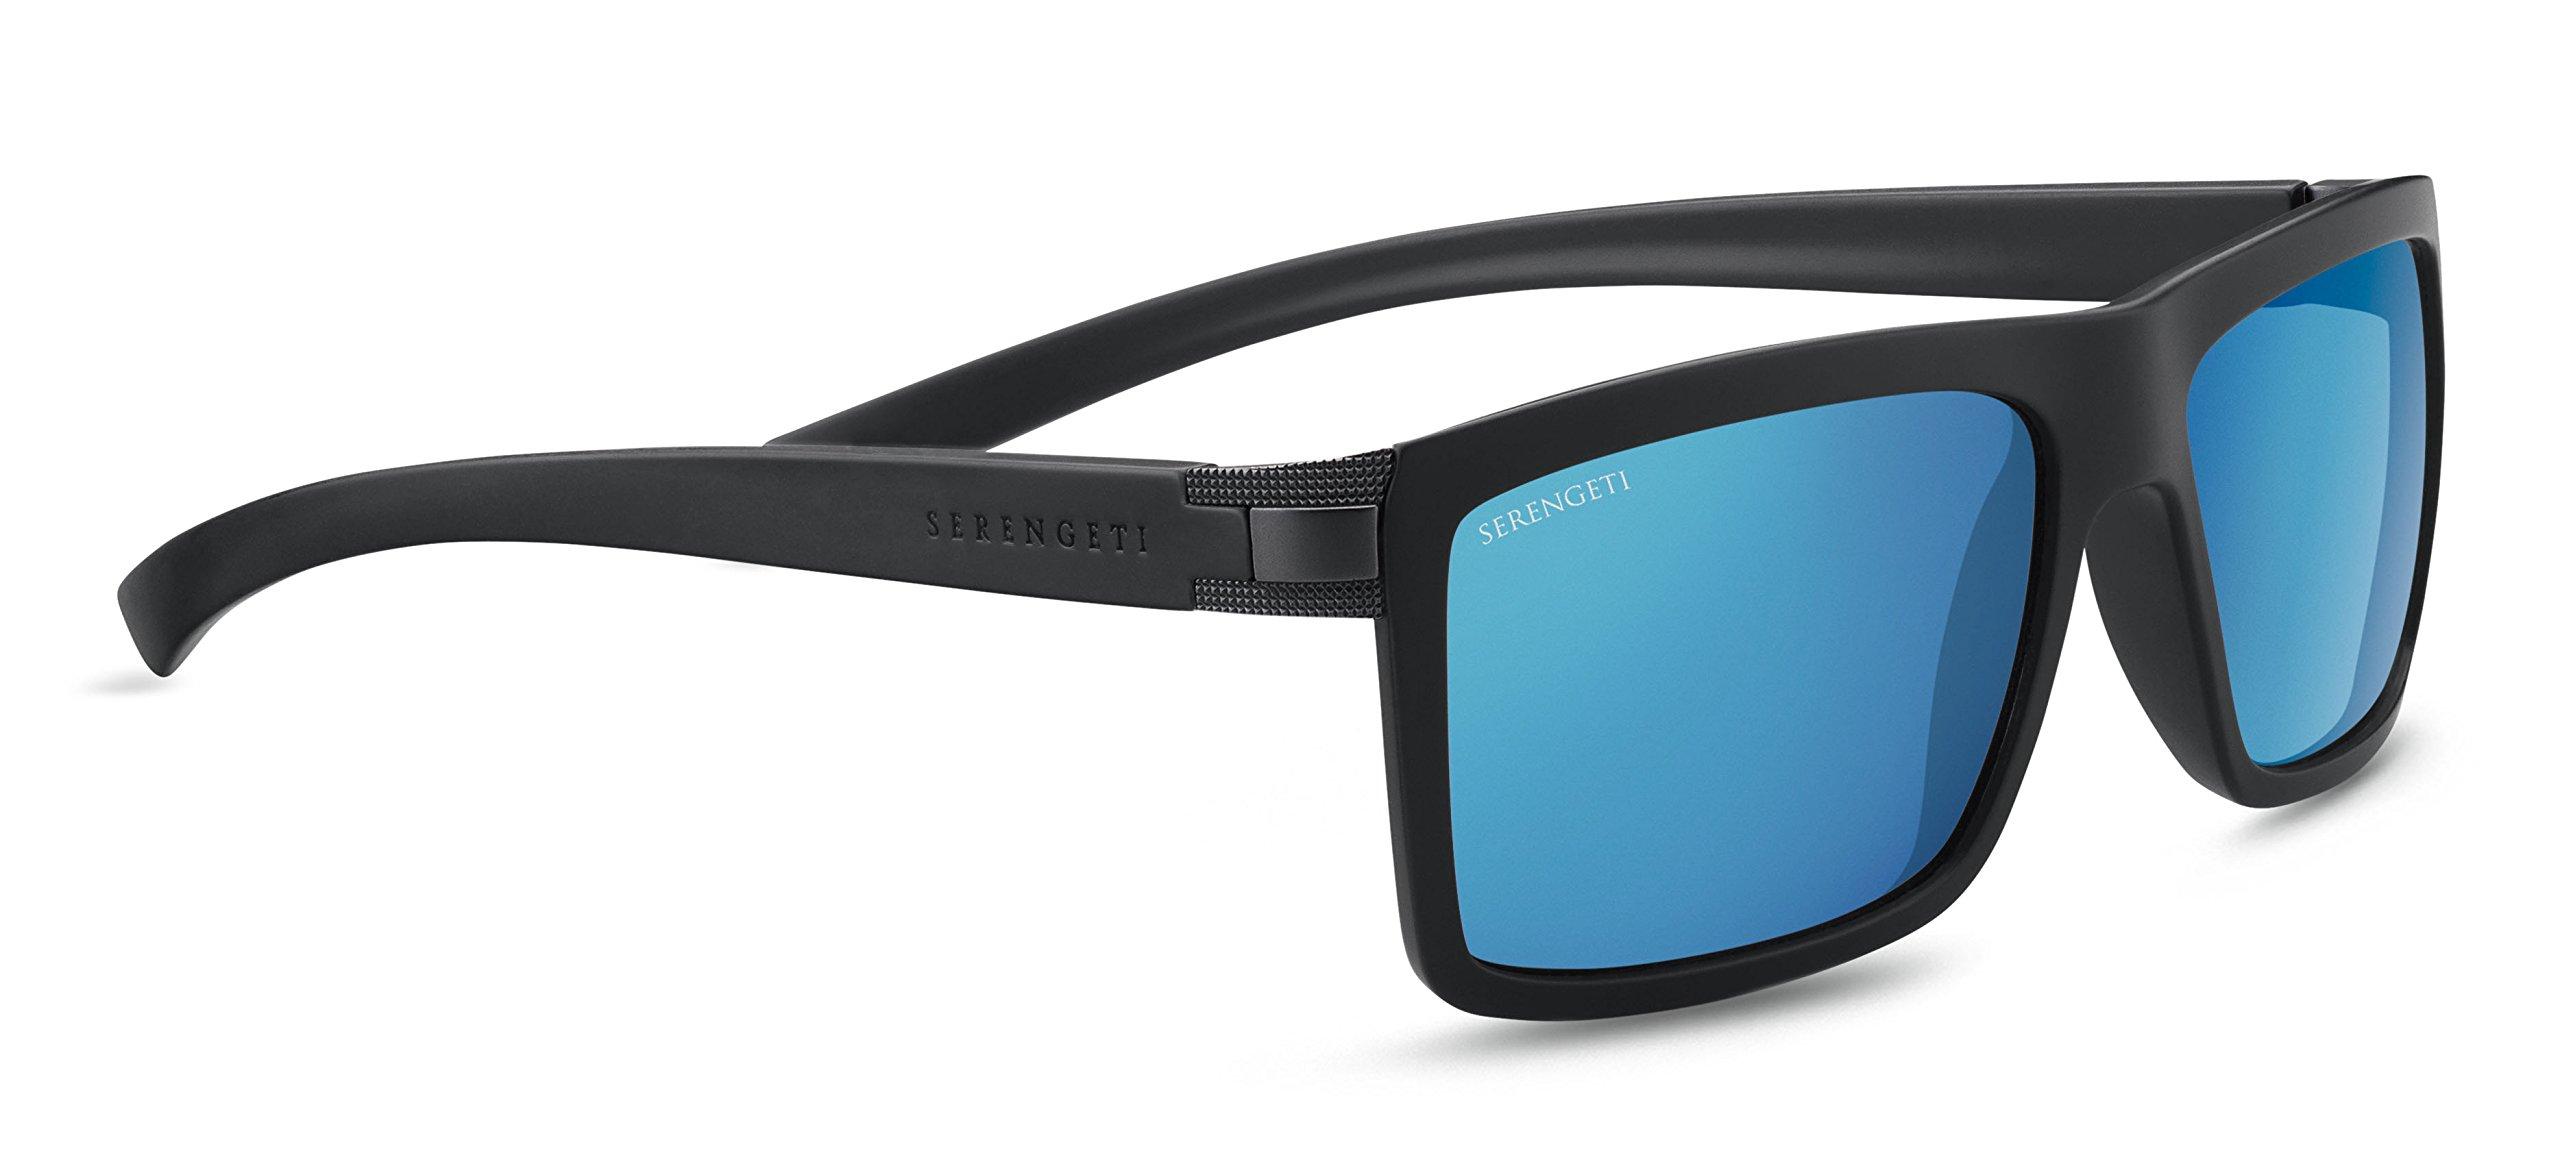 SERENGETI 8210 Gafas, Unisex Adulto, Negro (Sanded Black), M ...